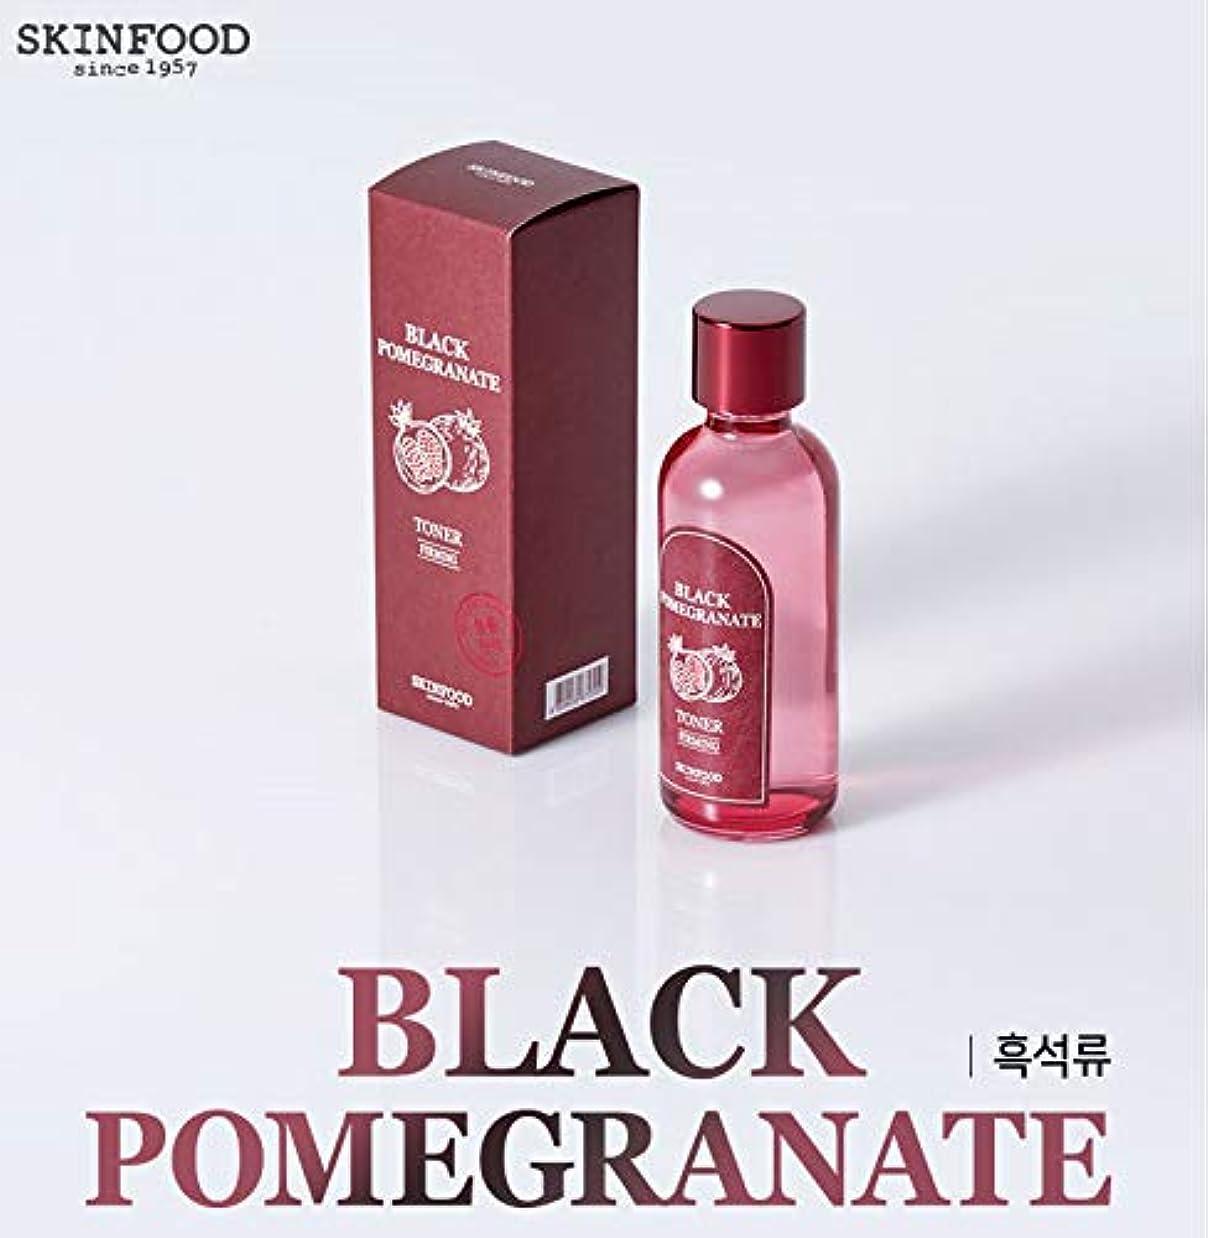 パテ解き明かす通り[スキンフード] SKINFOOD [黒ザクロ ベースライン] (Black Pomegranate Skin care) (No.01 Black Pomegranate Toner(180ml)) [並行輸入品]